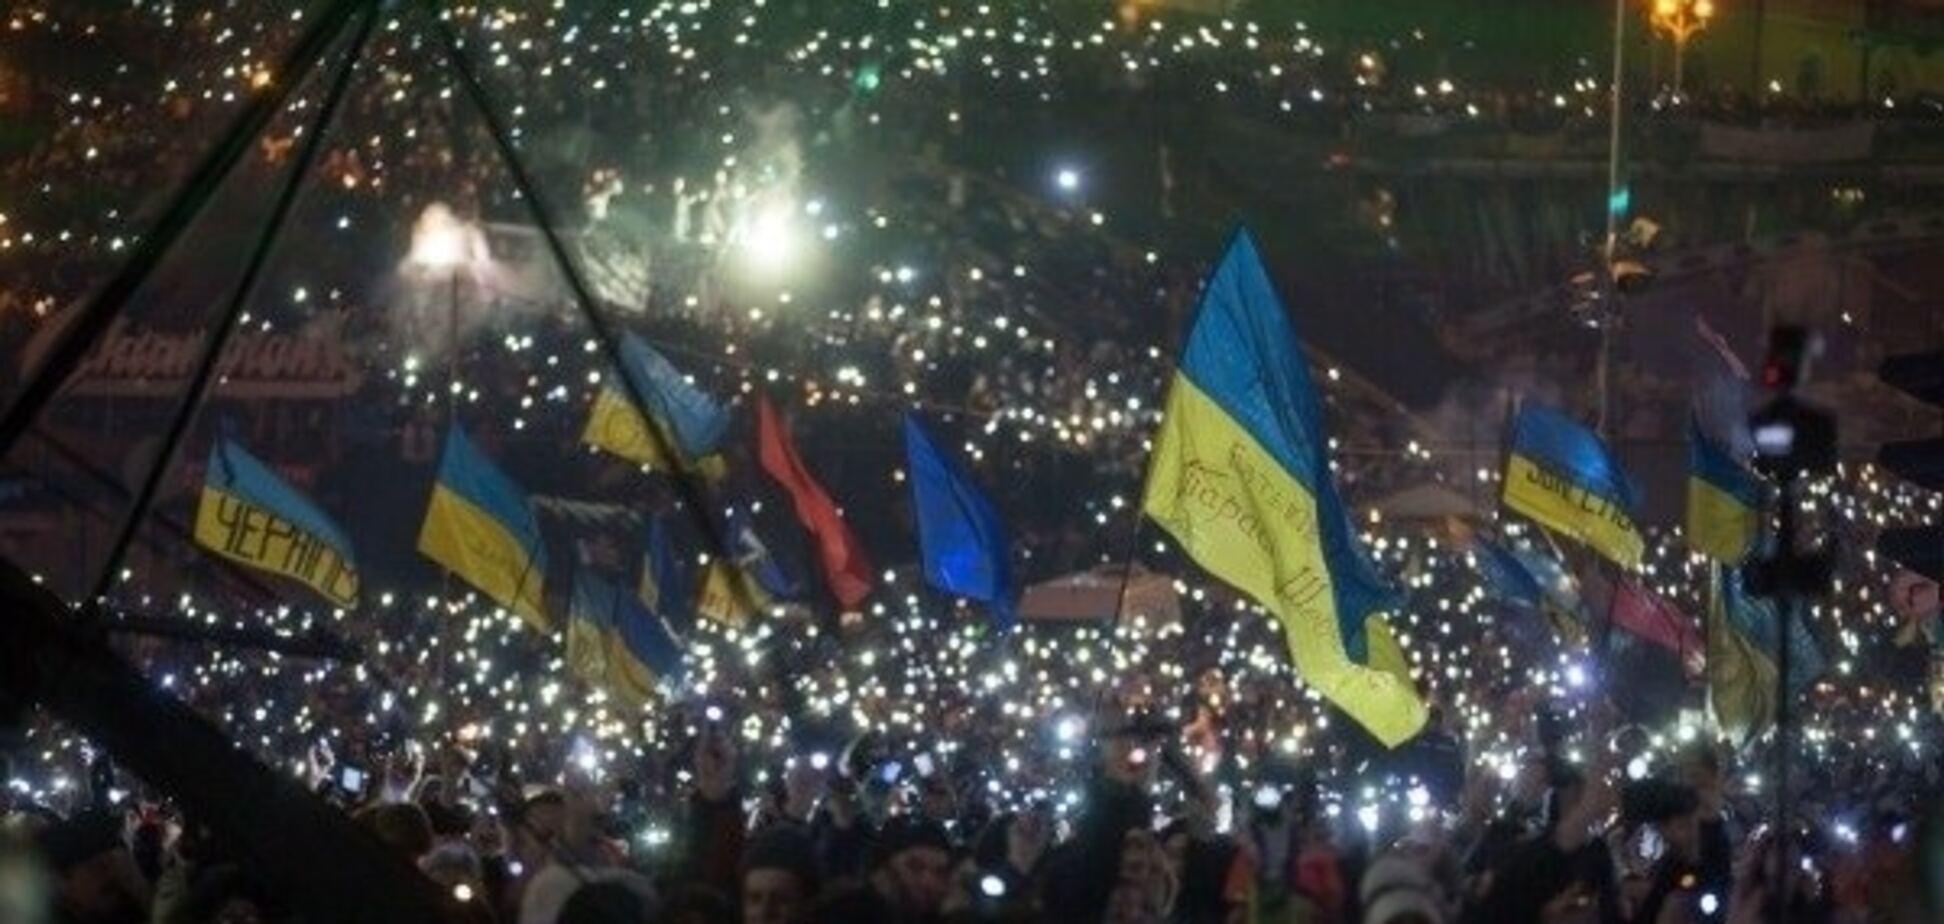 'Танцы на костях': концерт на Майдане Независимости начался с криков 'Ганьба!'